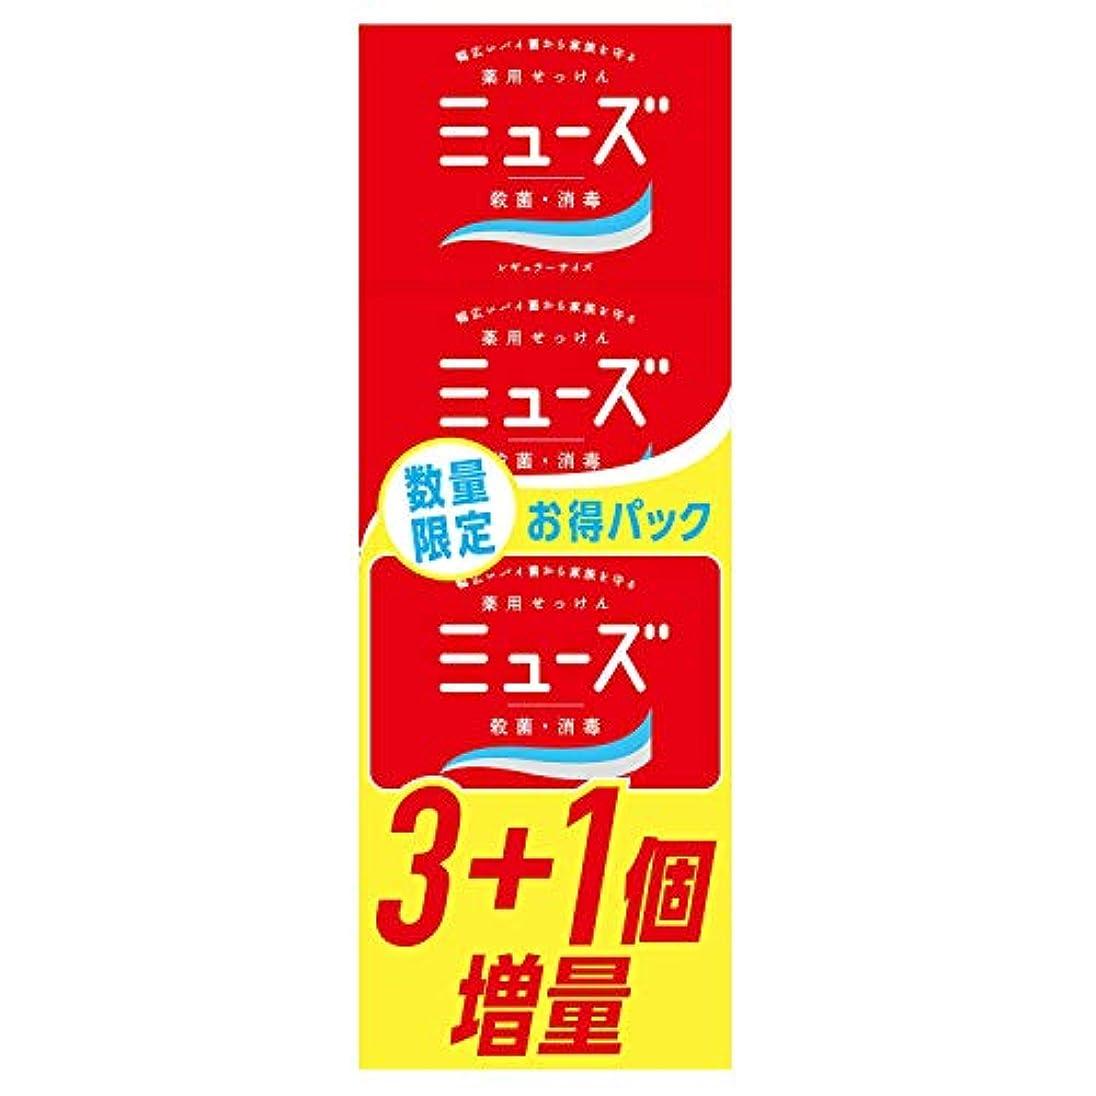 真っ逆さまテキストアッパー【医薬部外品】ミューズ石鹸レギュラー 3+1限定品